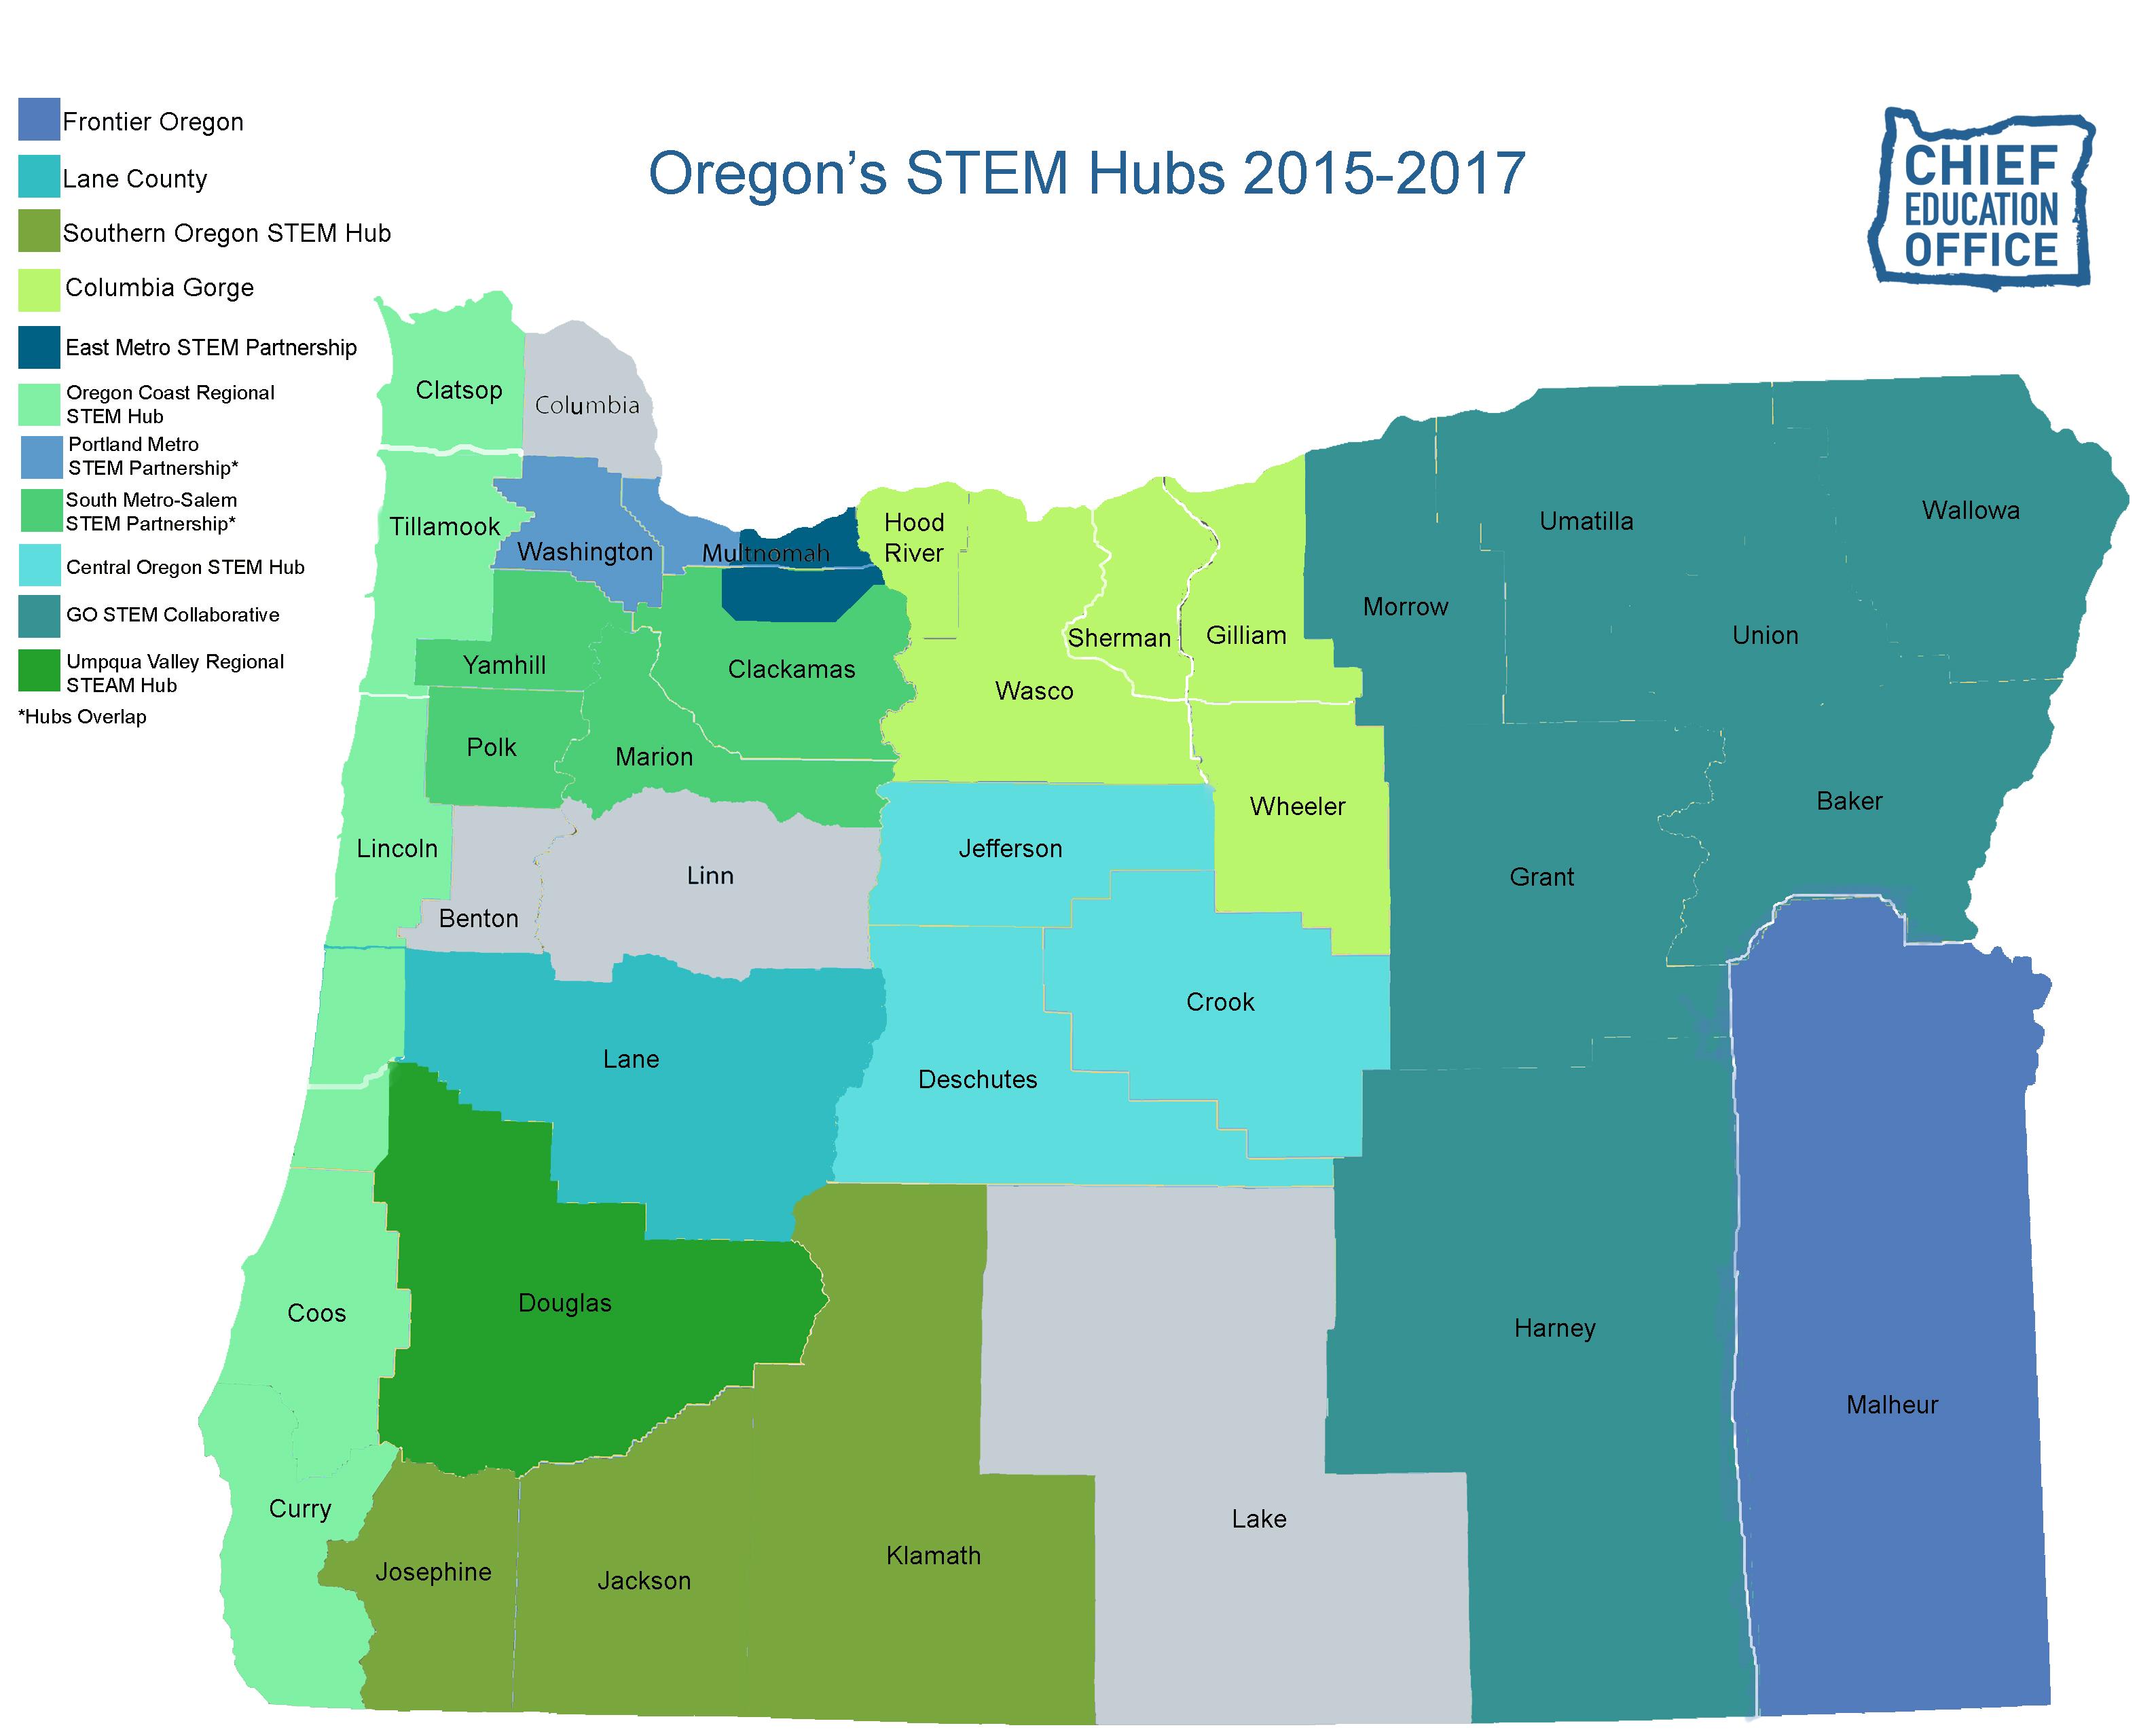 More STEM Hubs in Oregon Oregon